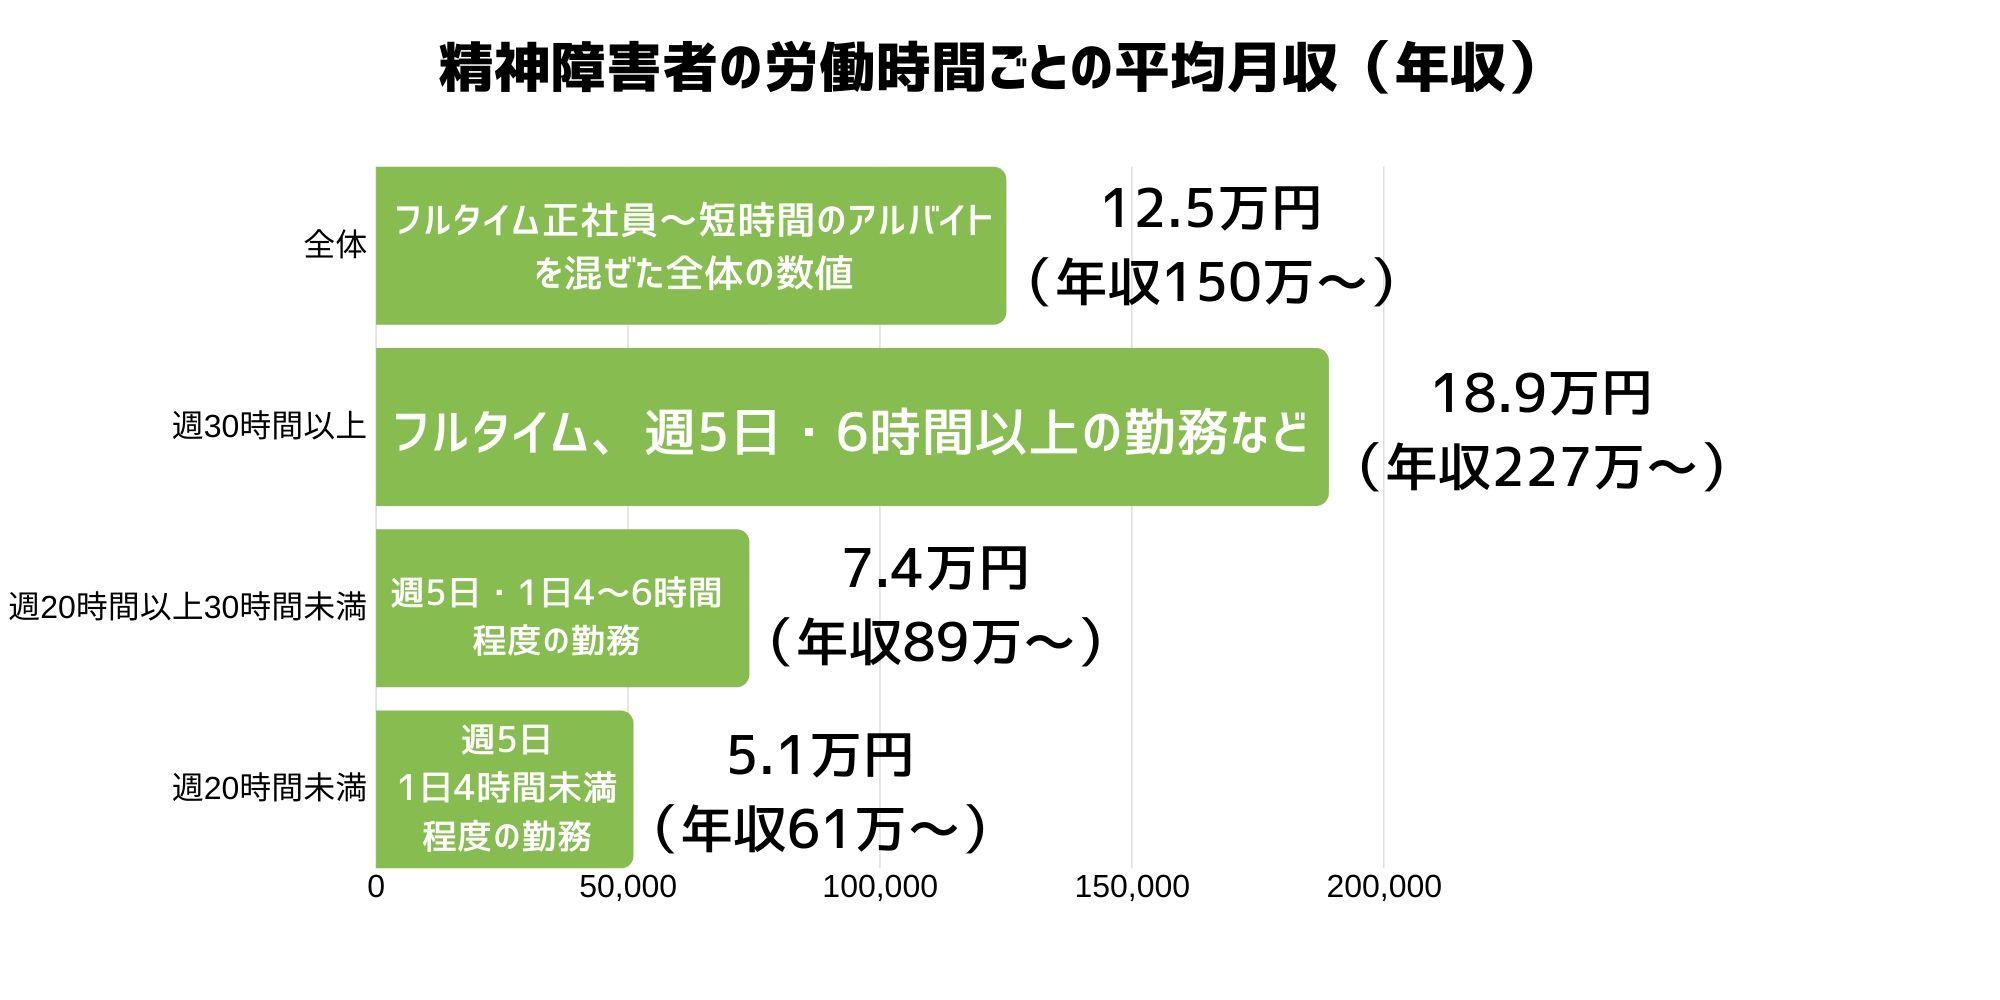 精神障害者の労働時間ごとの平均月収(年収)